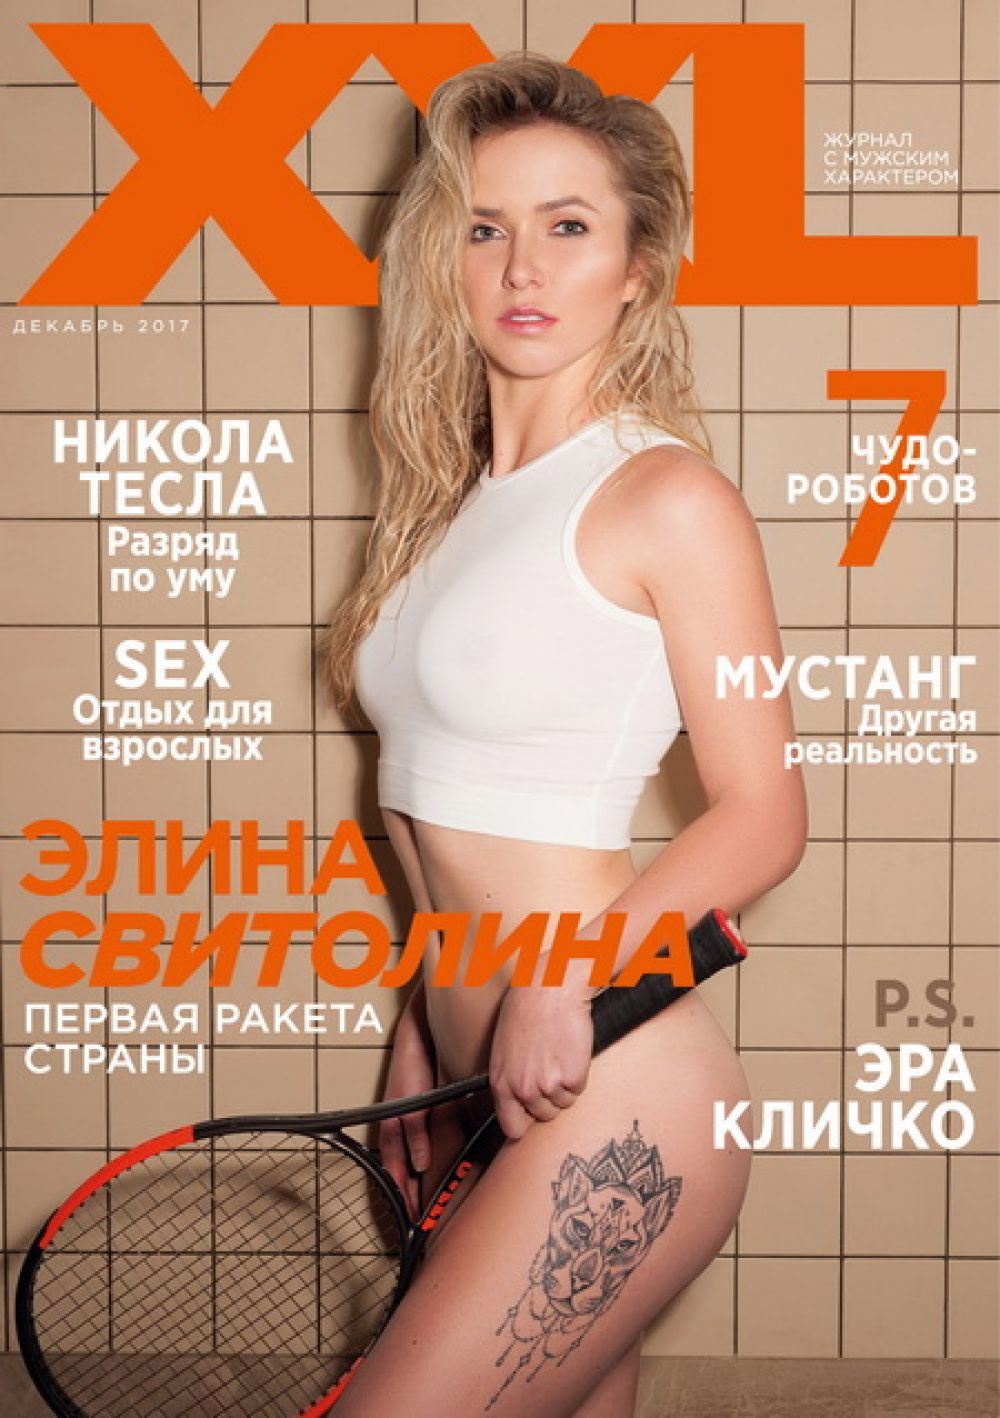 Сексуальную фотографию полуобнаженной Свитолиной в прозрачном топике опубликована в группе Большой теннис Украины в Facebook. «Огонь года», – гласит подпись к фото.